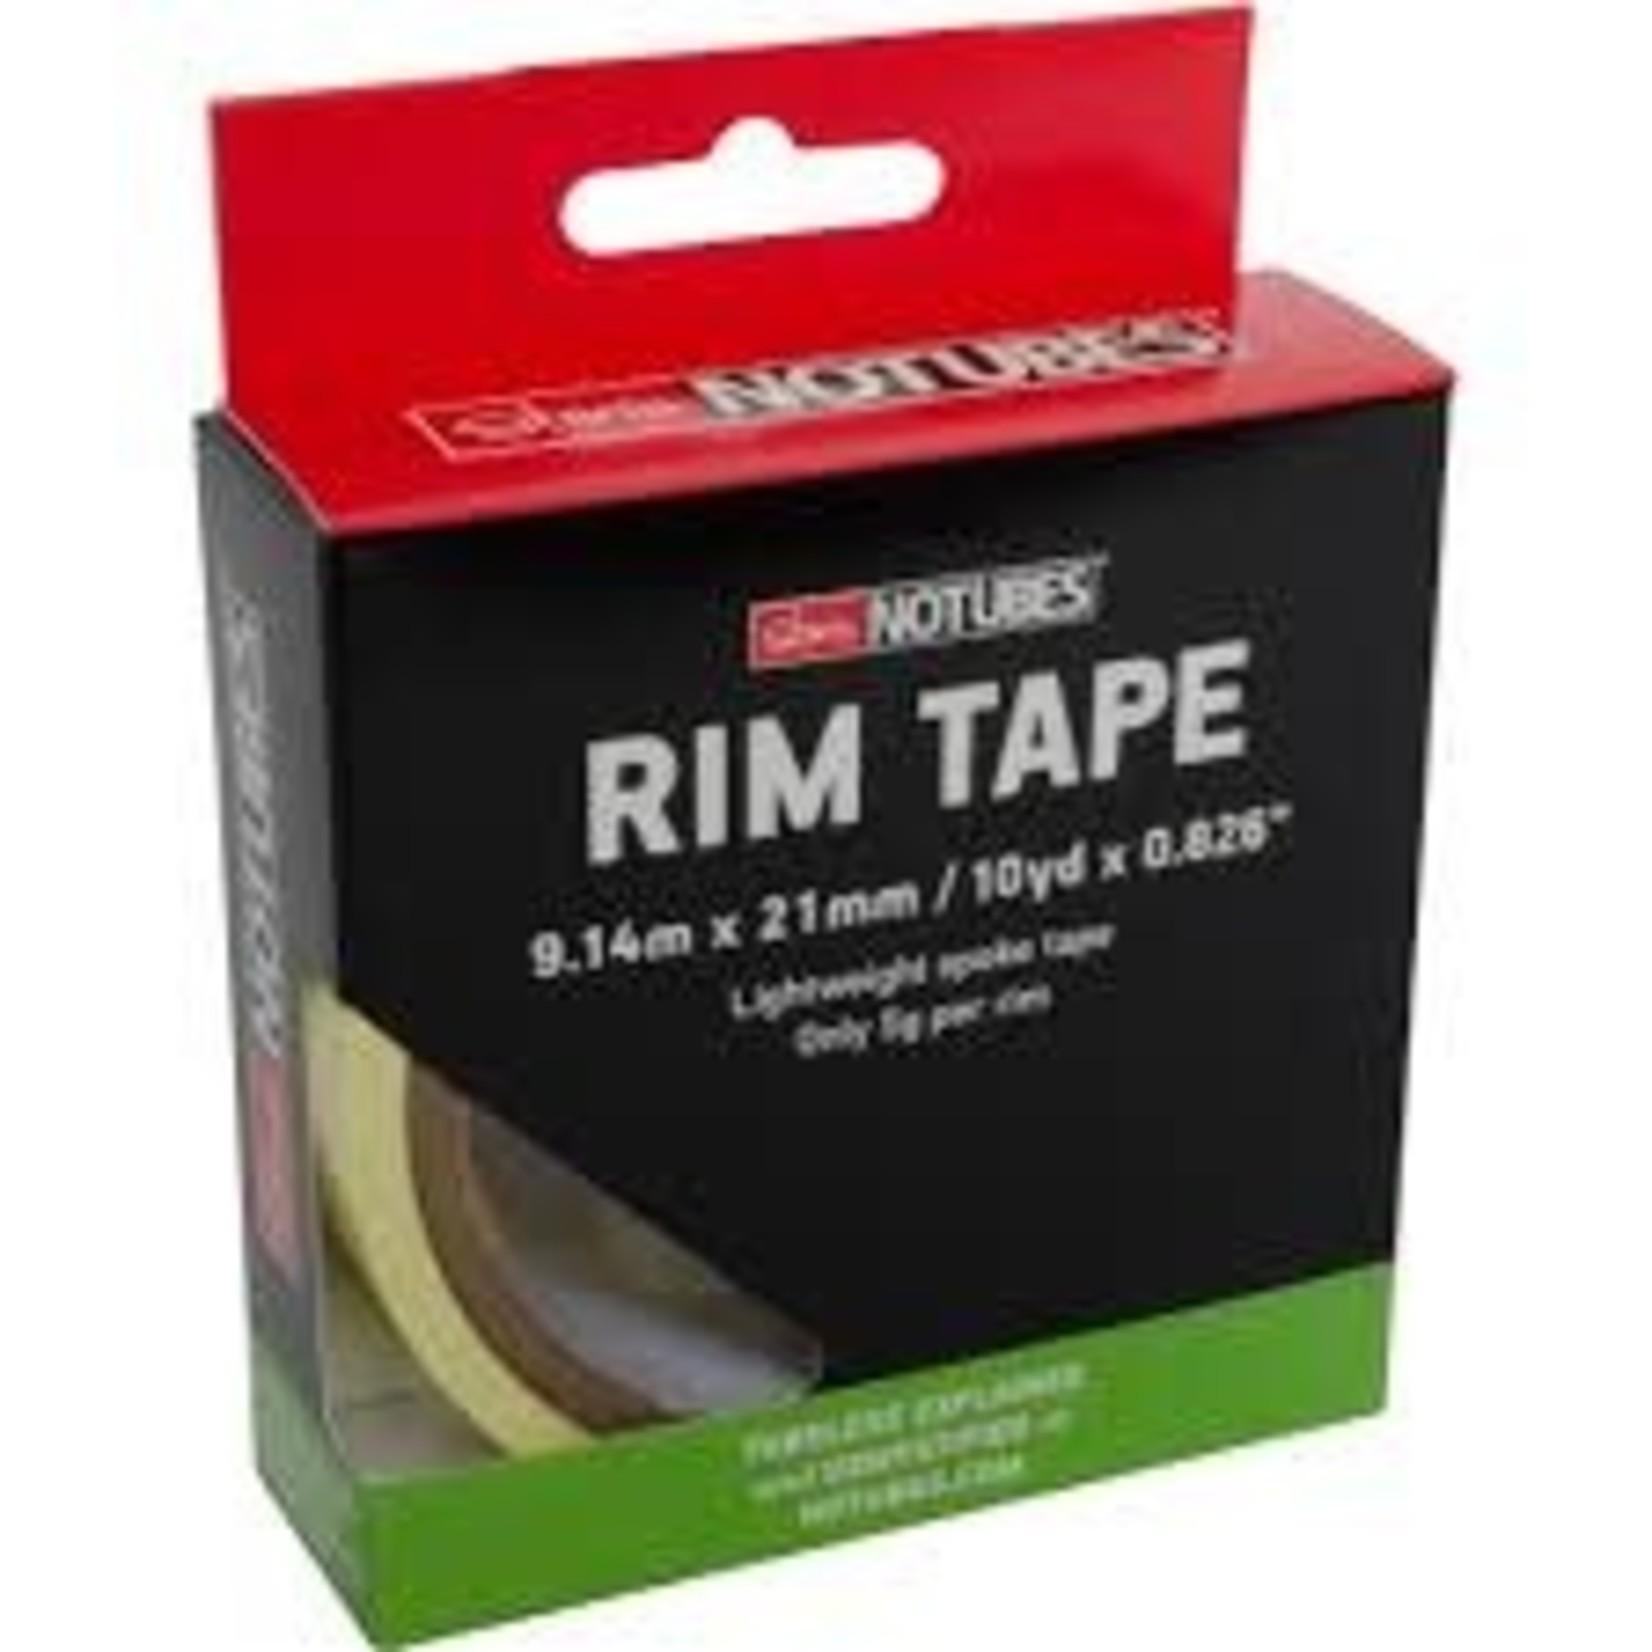 Stans No Tube Stan's No Tubes Rim Tape, 25mmx9.14m